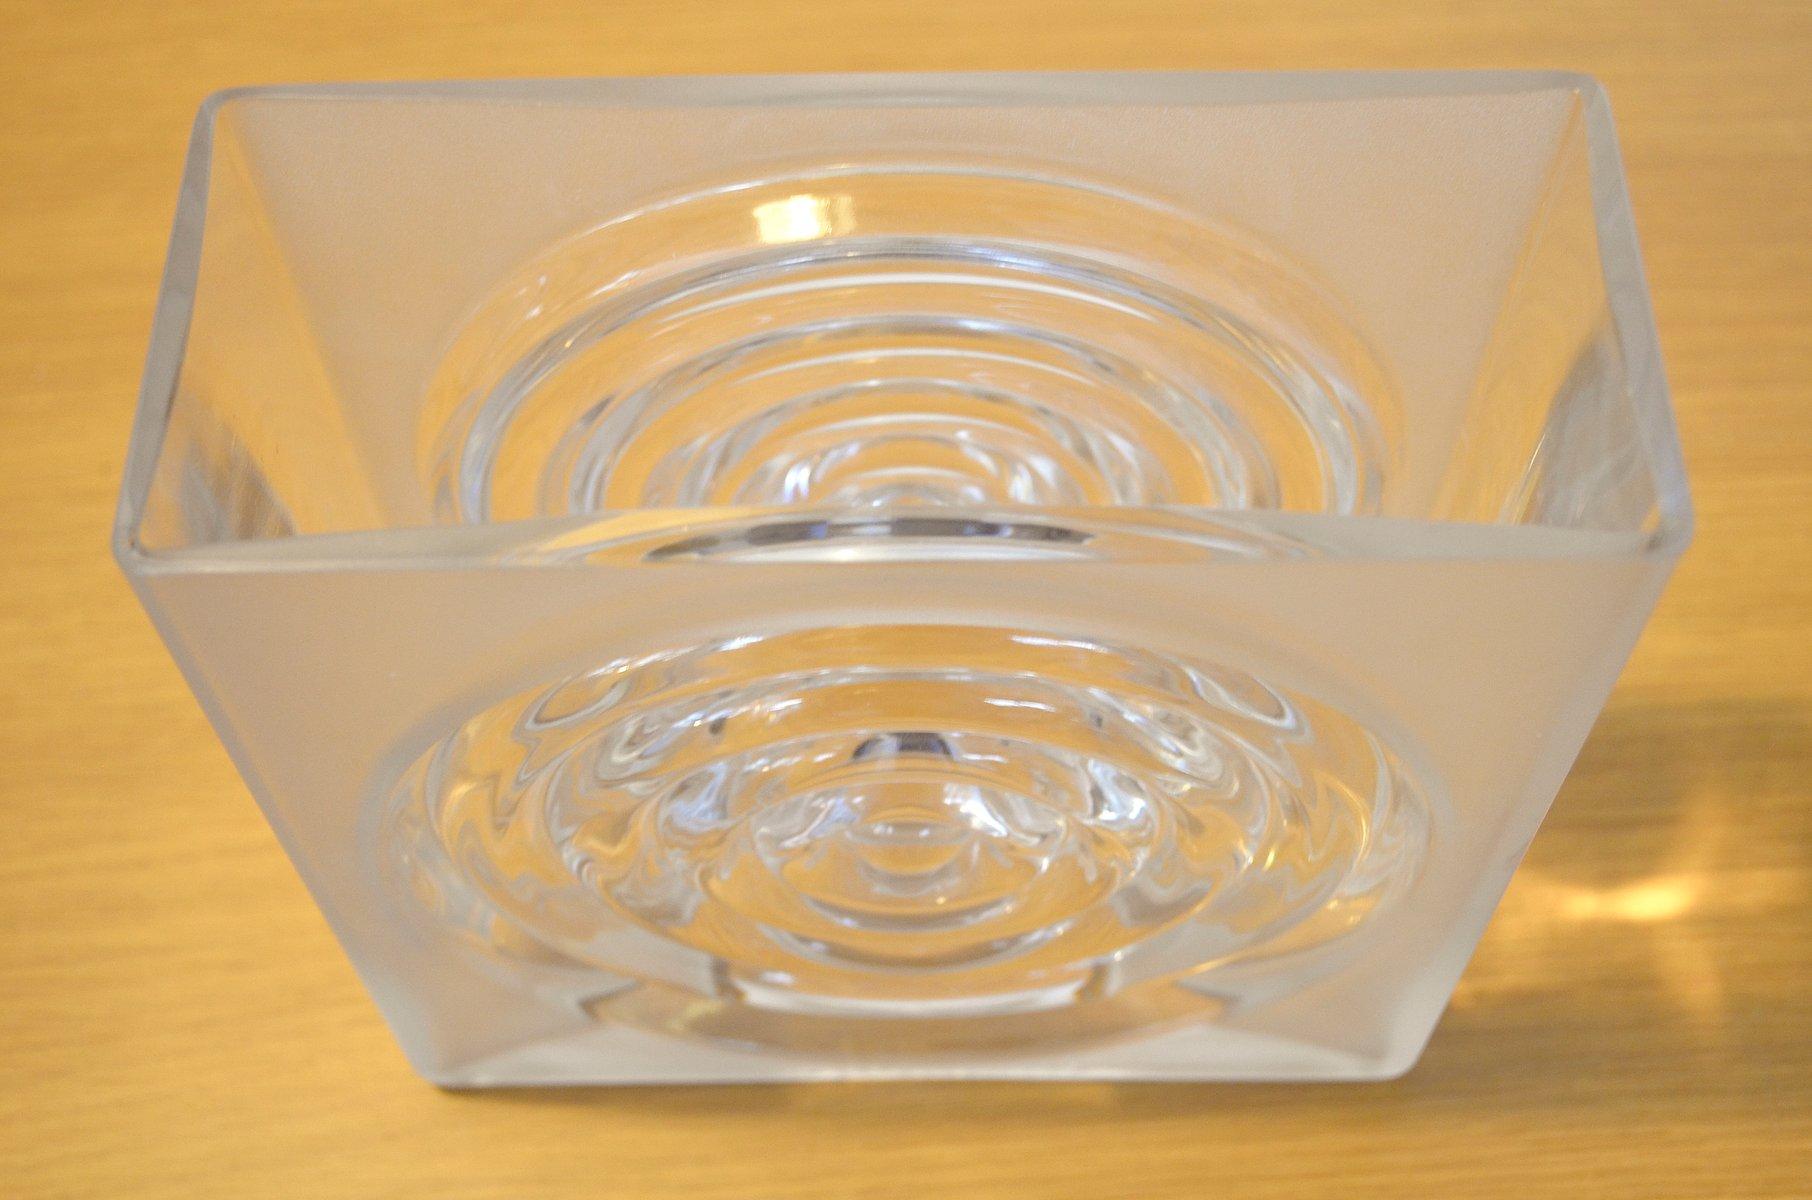 Vintage glasvase von horst t nselmann f r peill putzler - Glasvase vintage ...